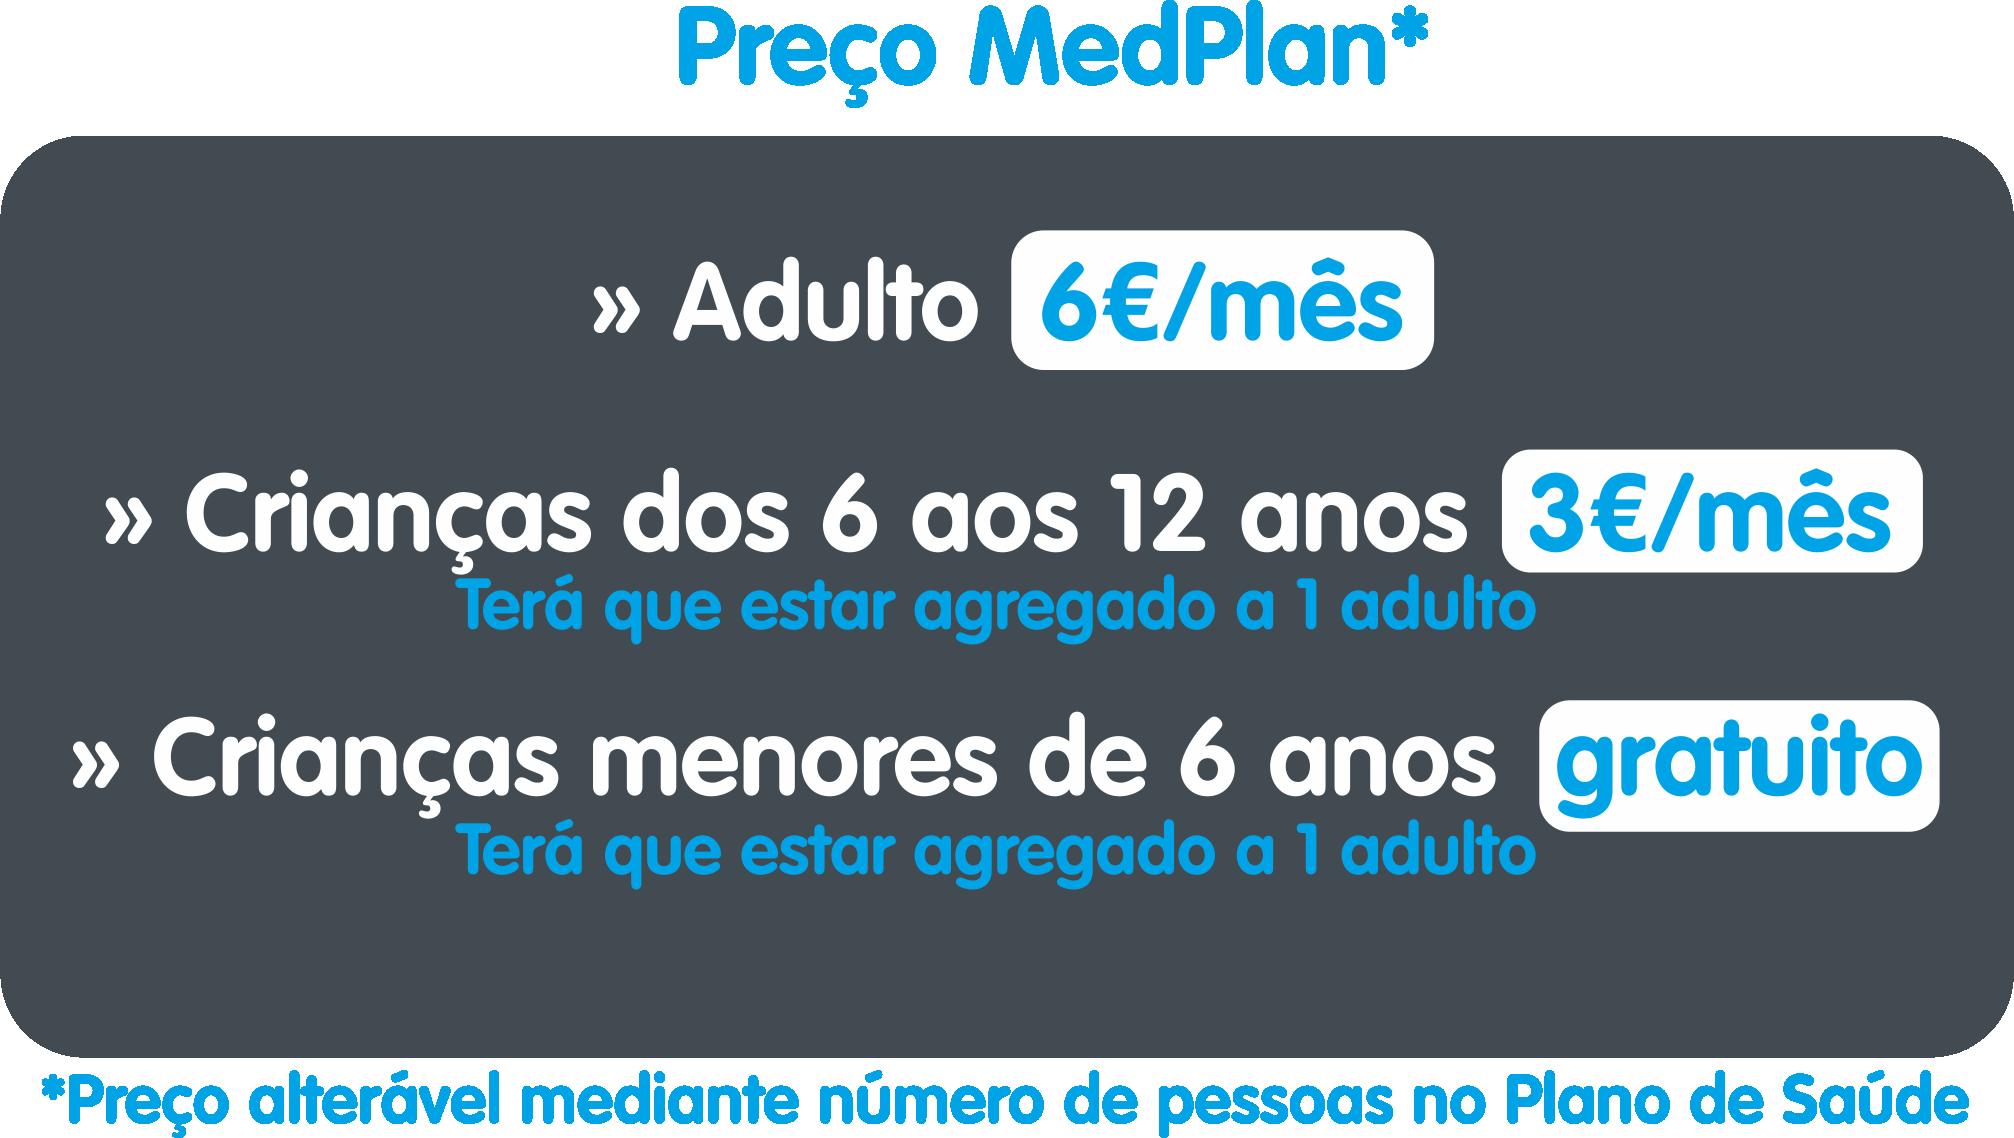 Site medPlan novos conteudos4